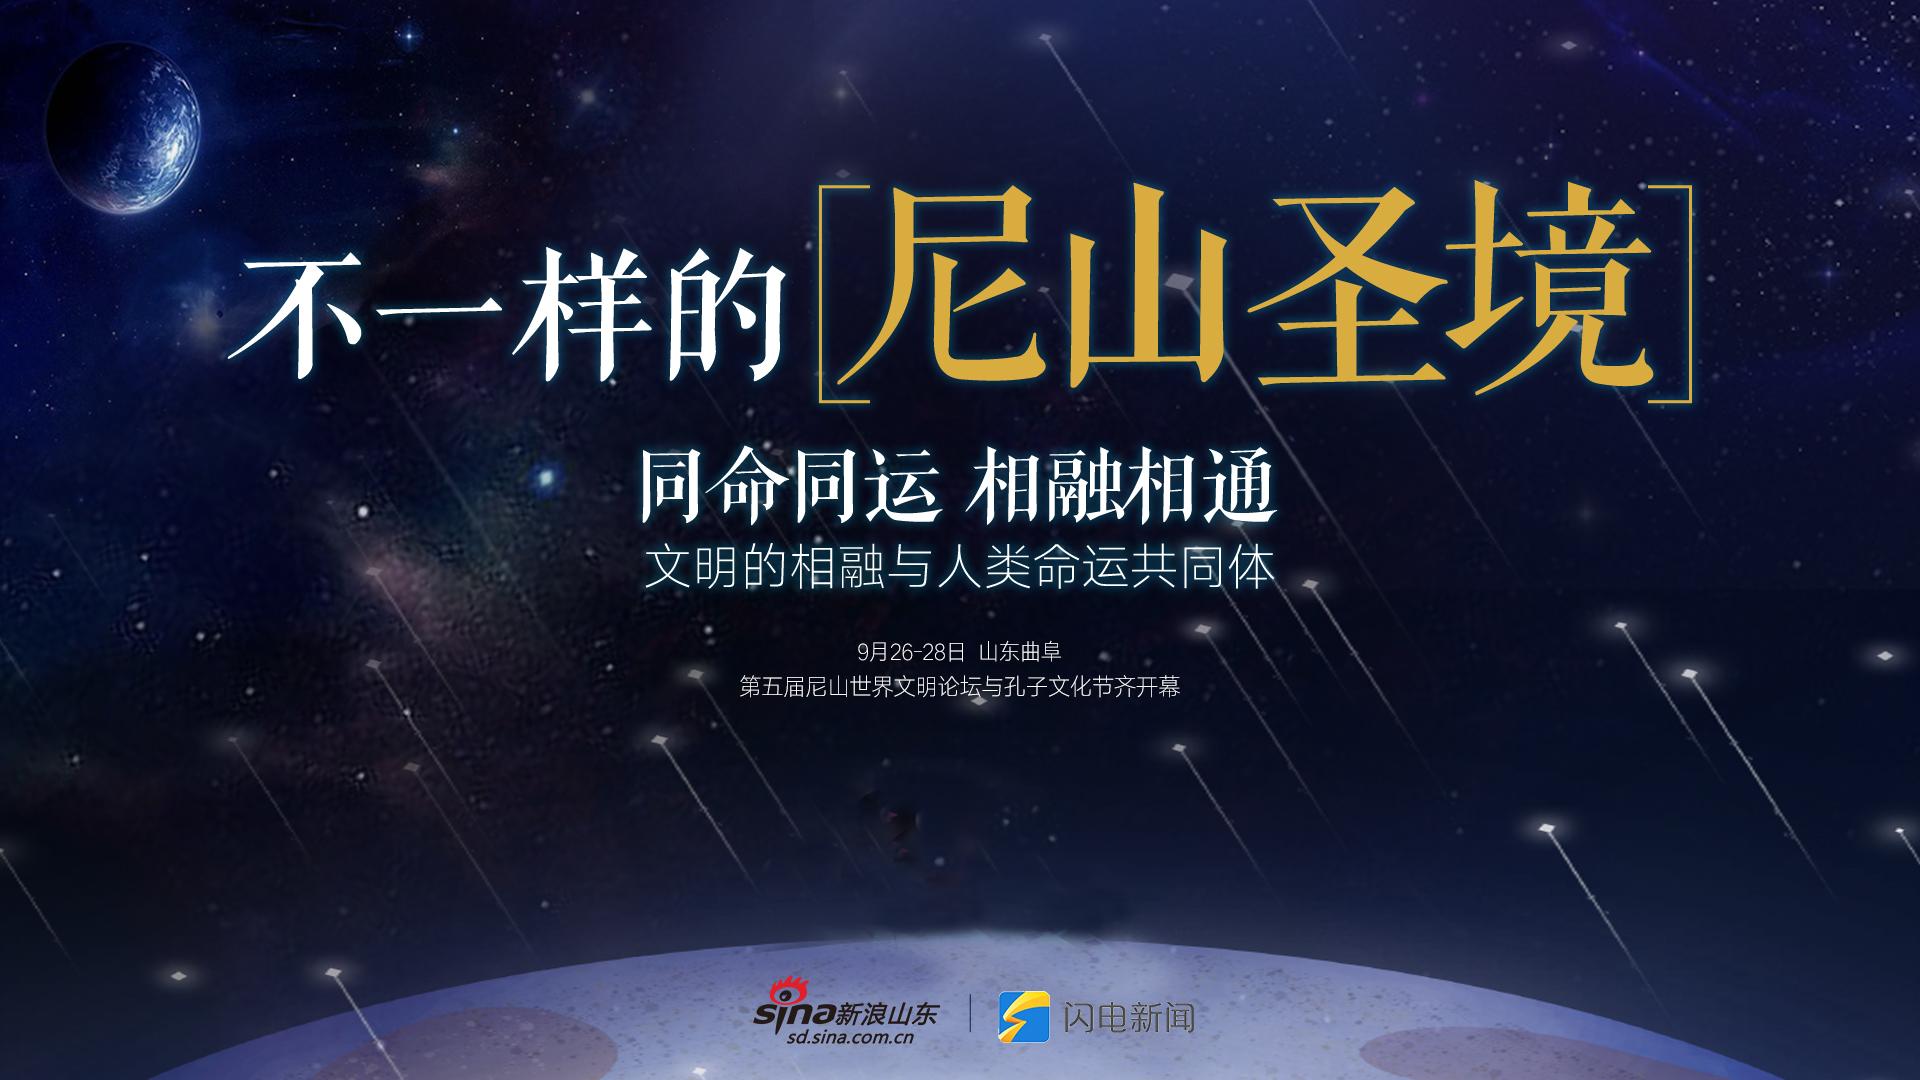 尼山世界文明论坛与孔子文化节26日开幕